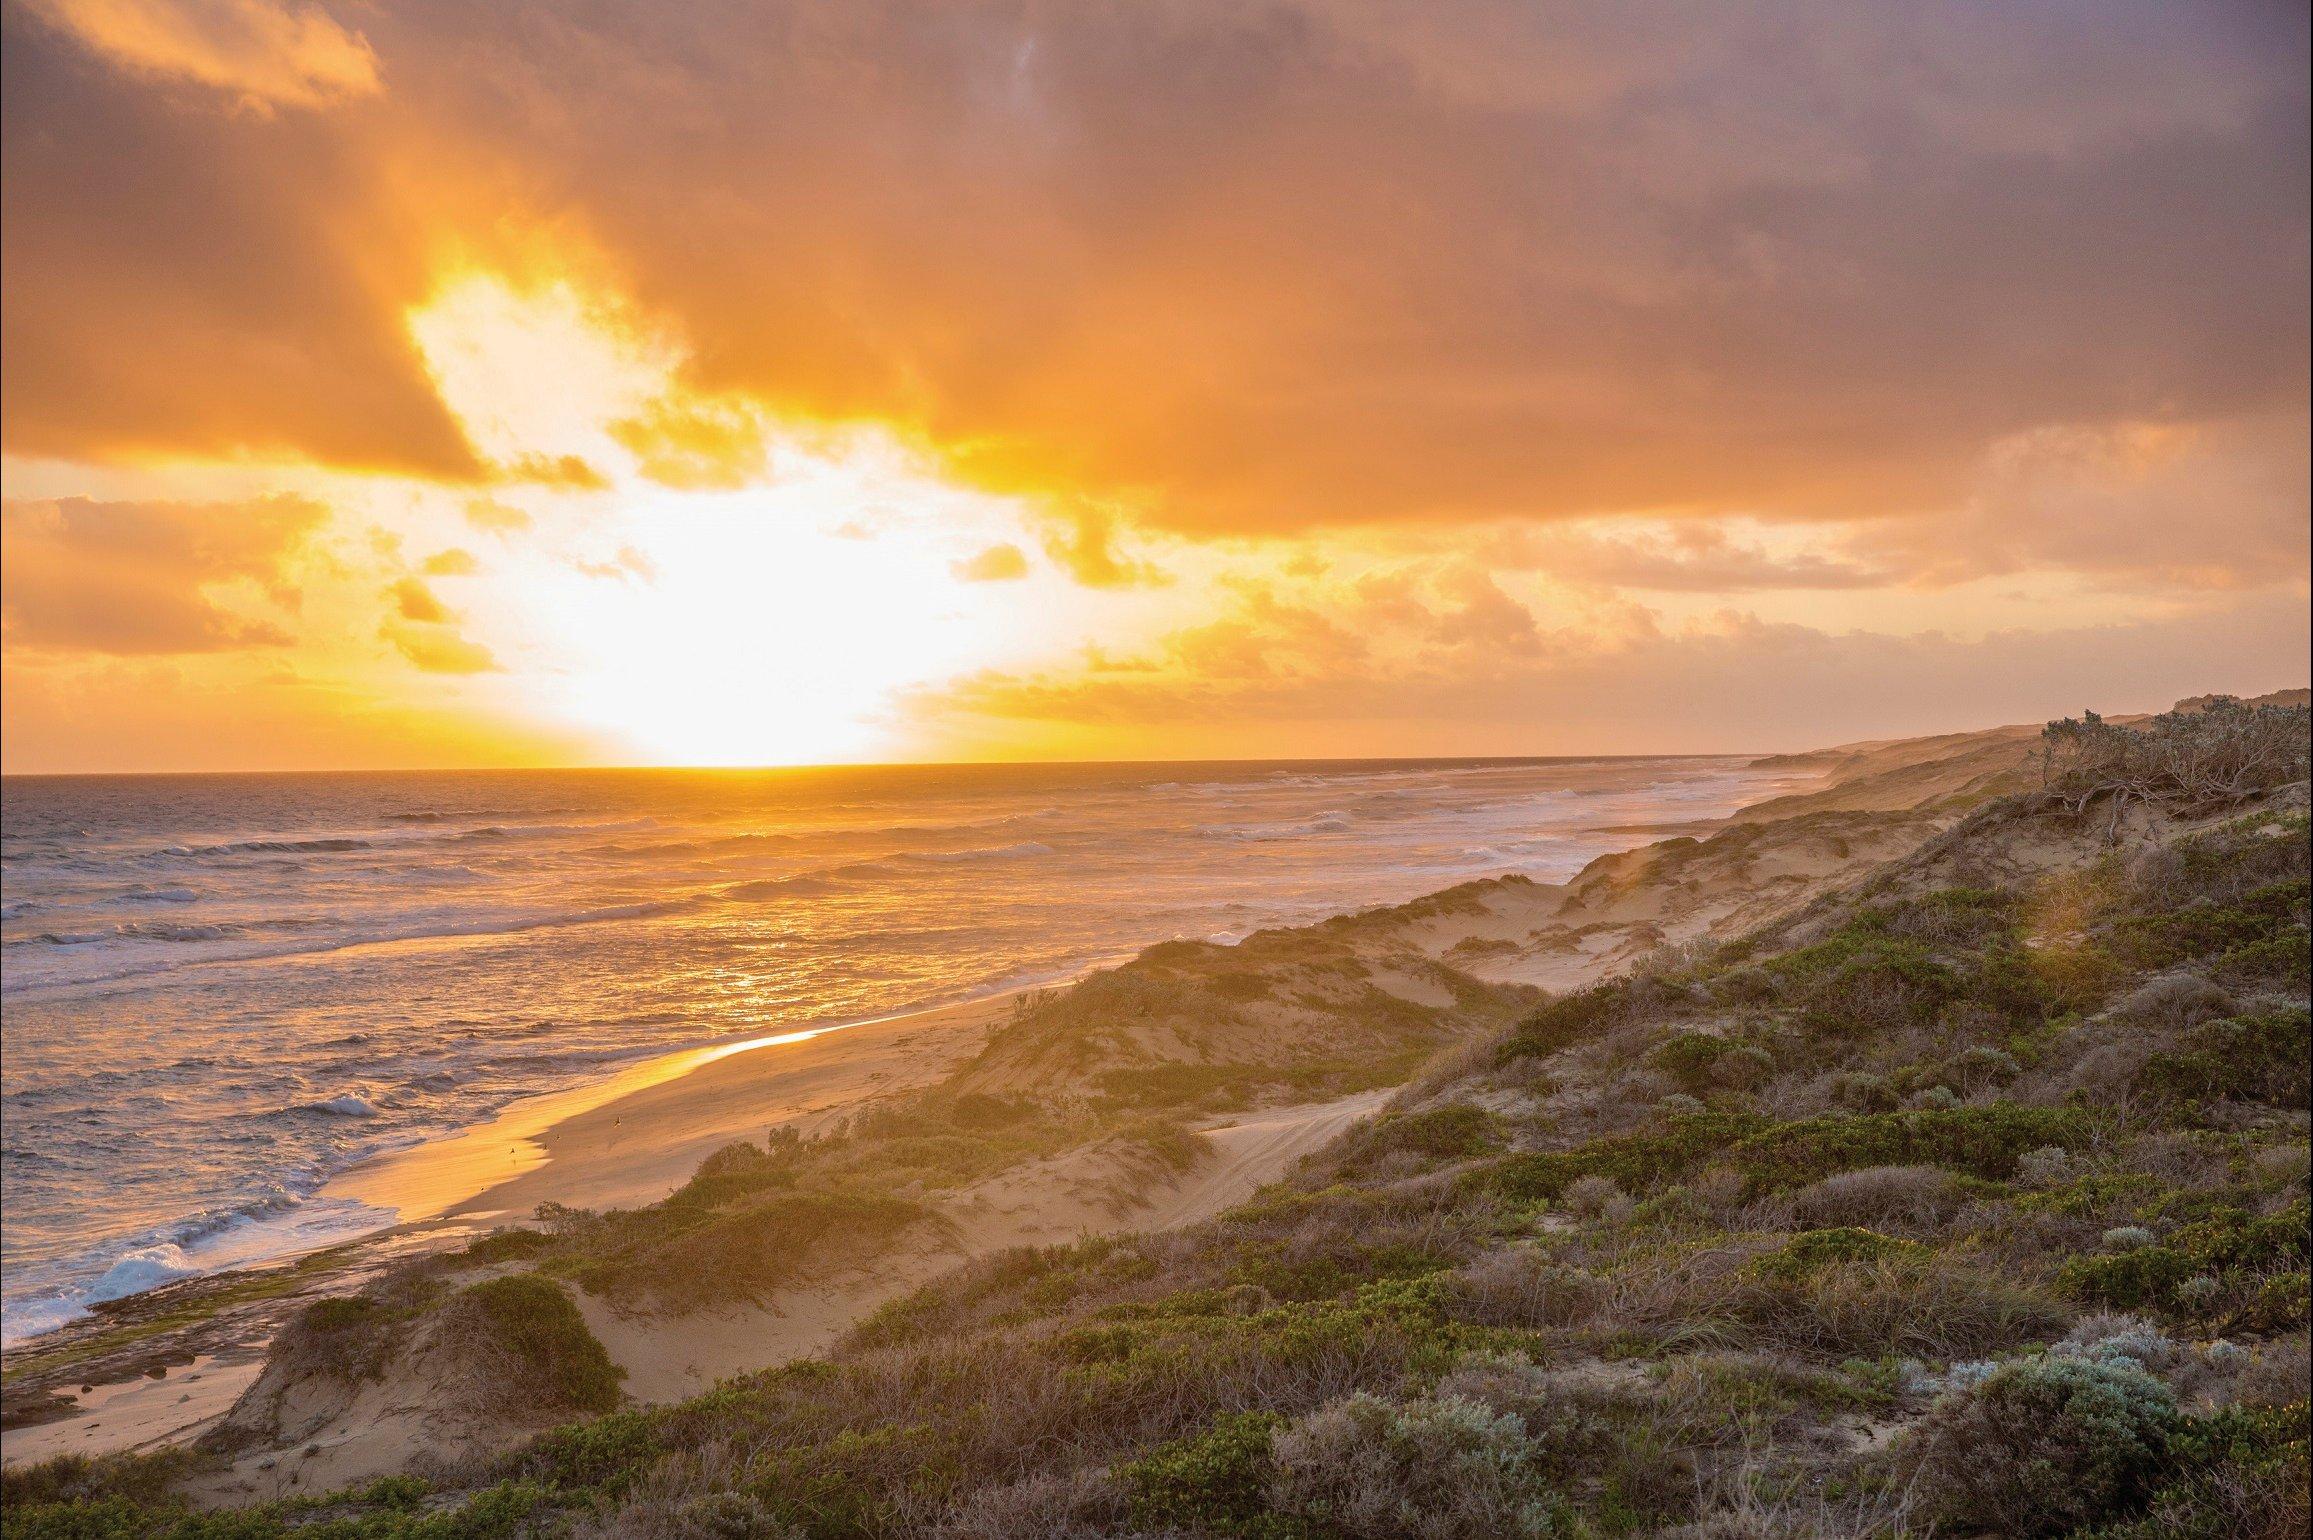 80672811077ecf611511fe63bb487b95 - Khám phá TOP 10 bãi biển đẹp nhất Tây Úc